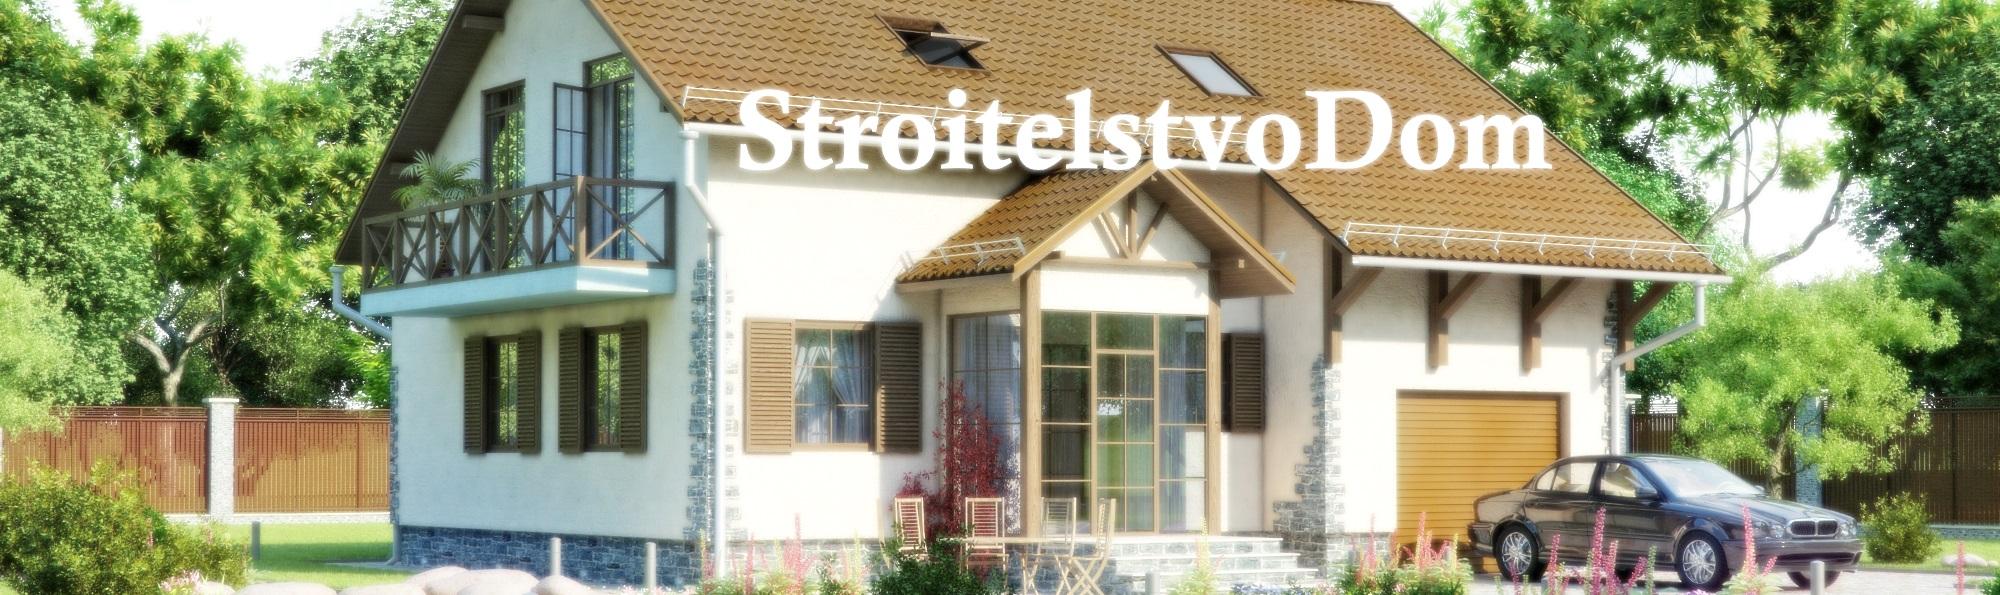 StroitelstvoDom - Строительство домов в Санкт-Петербурге и Ленинградской области